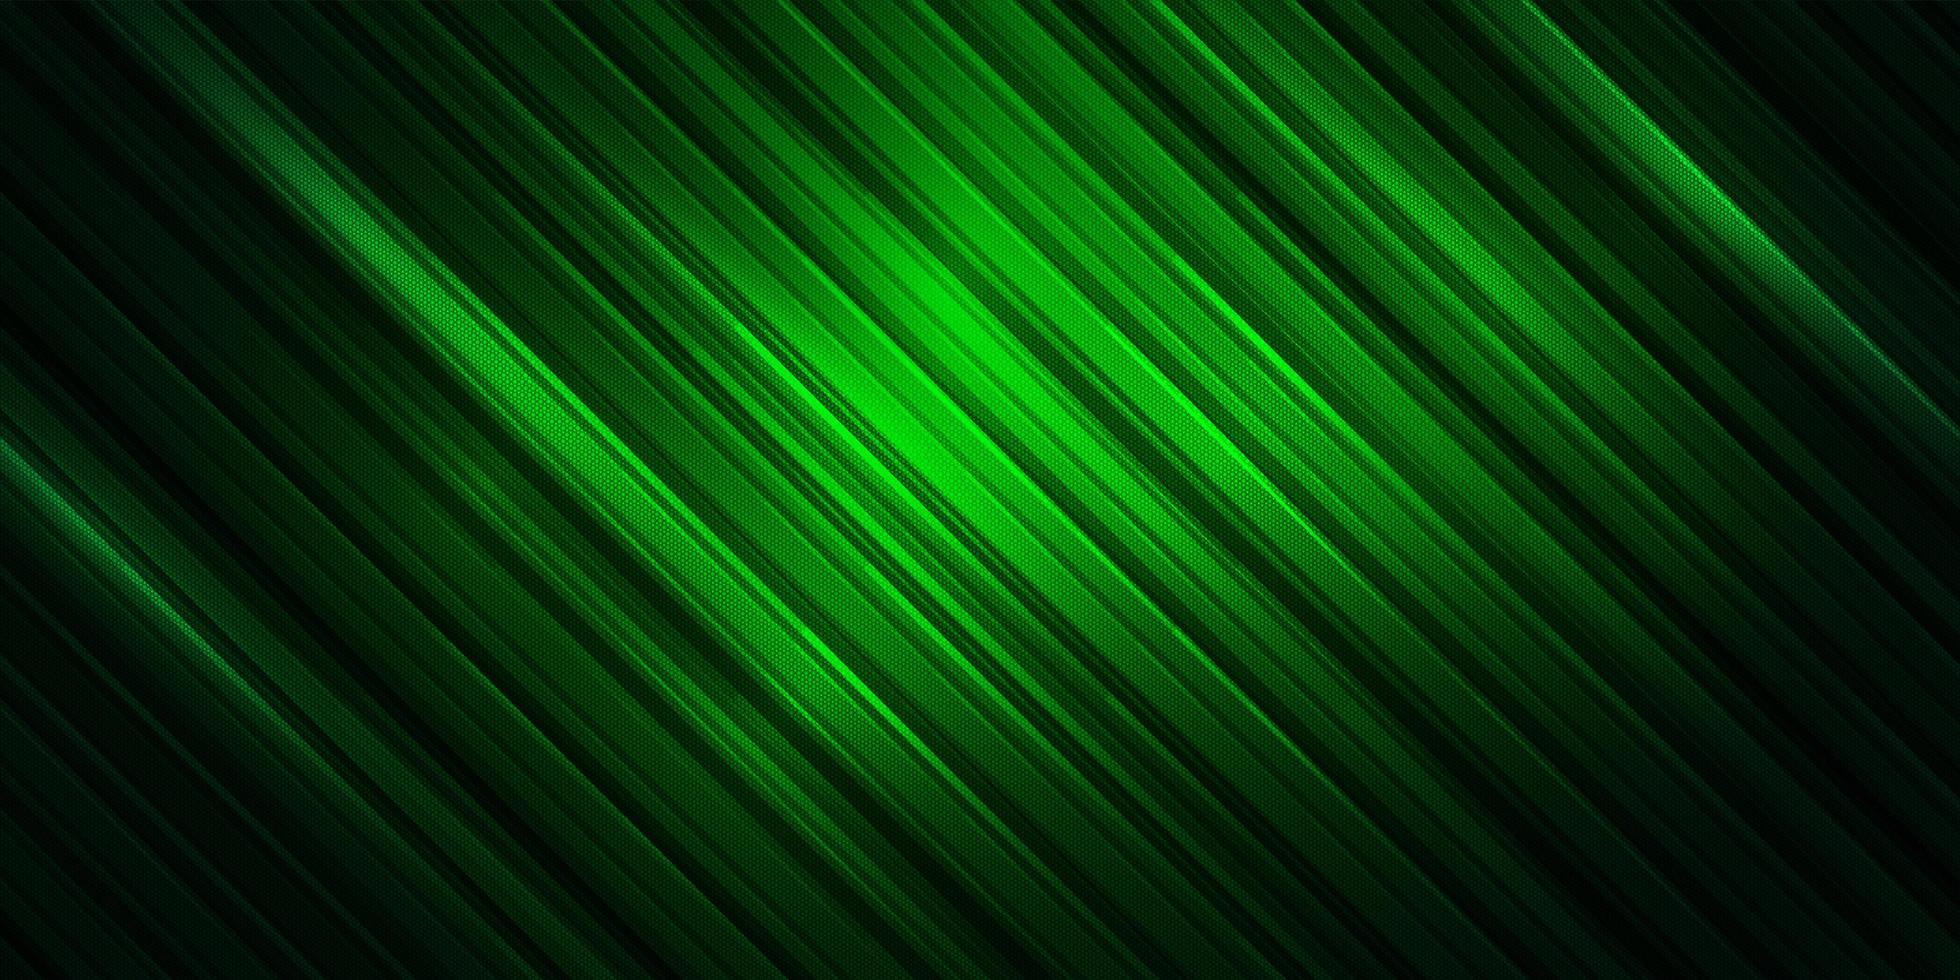 verde sripe modello astratto sfondo stile sportivo vettore